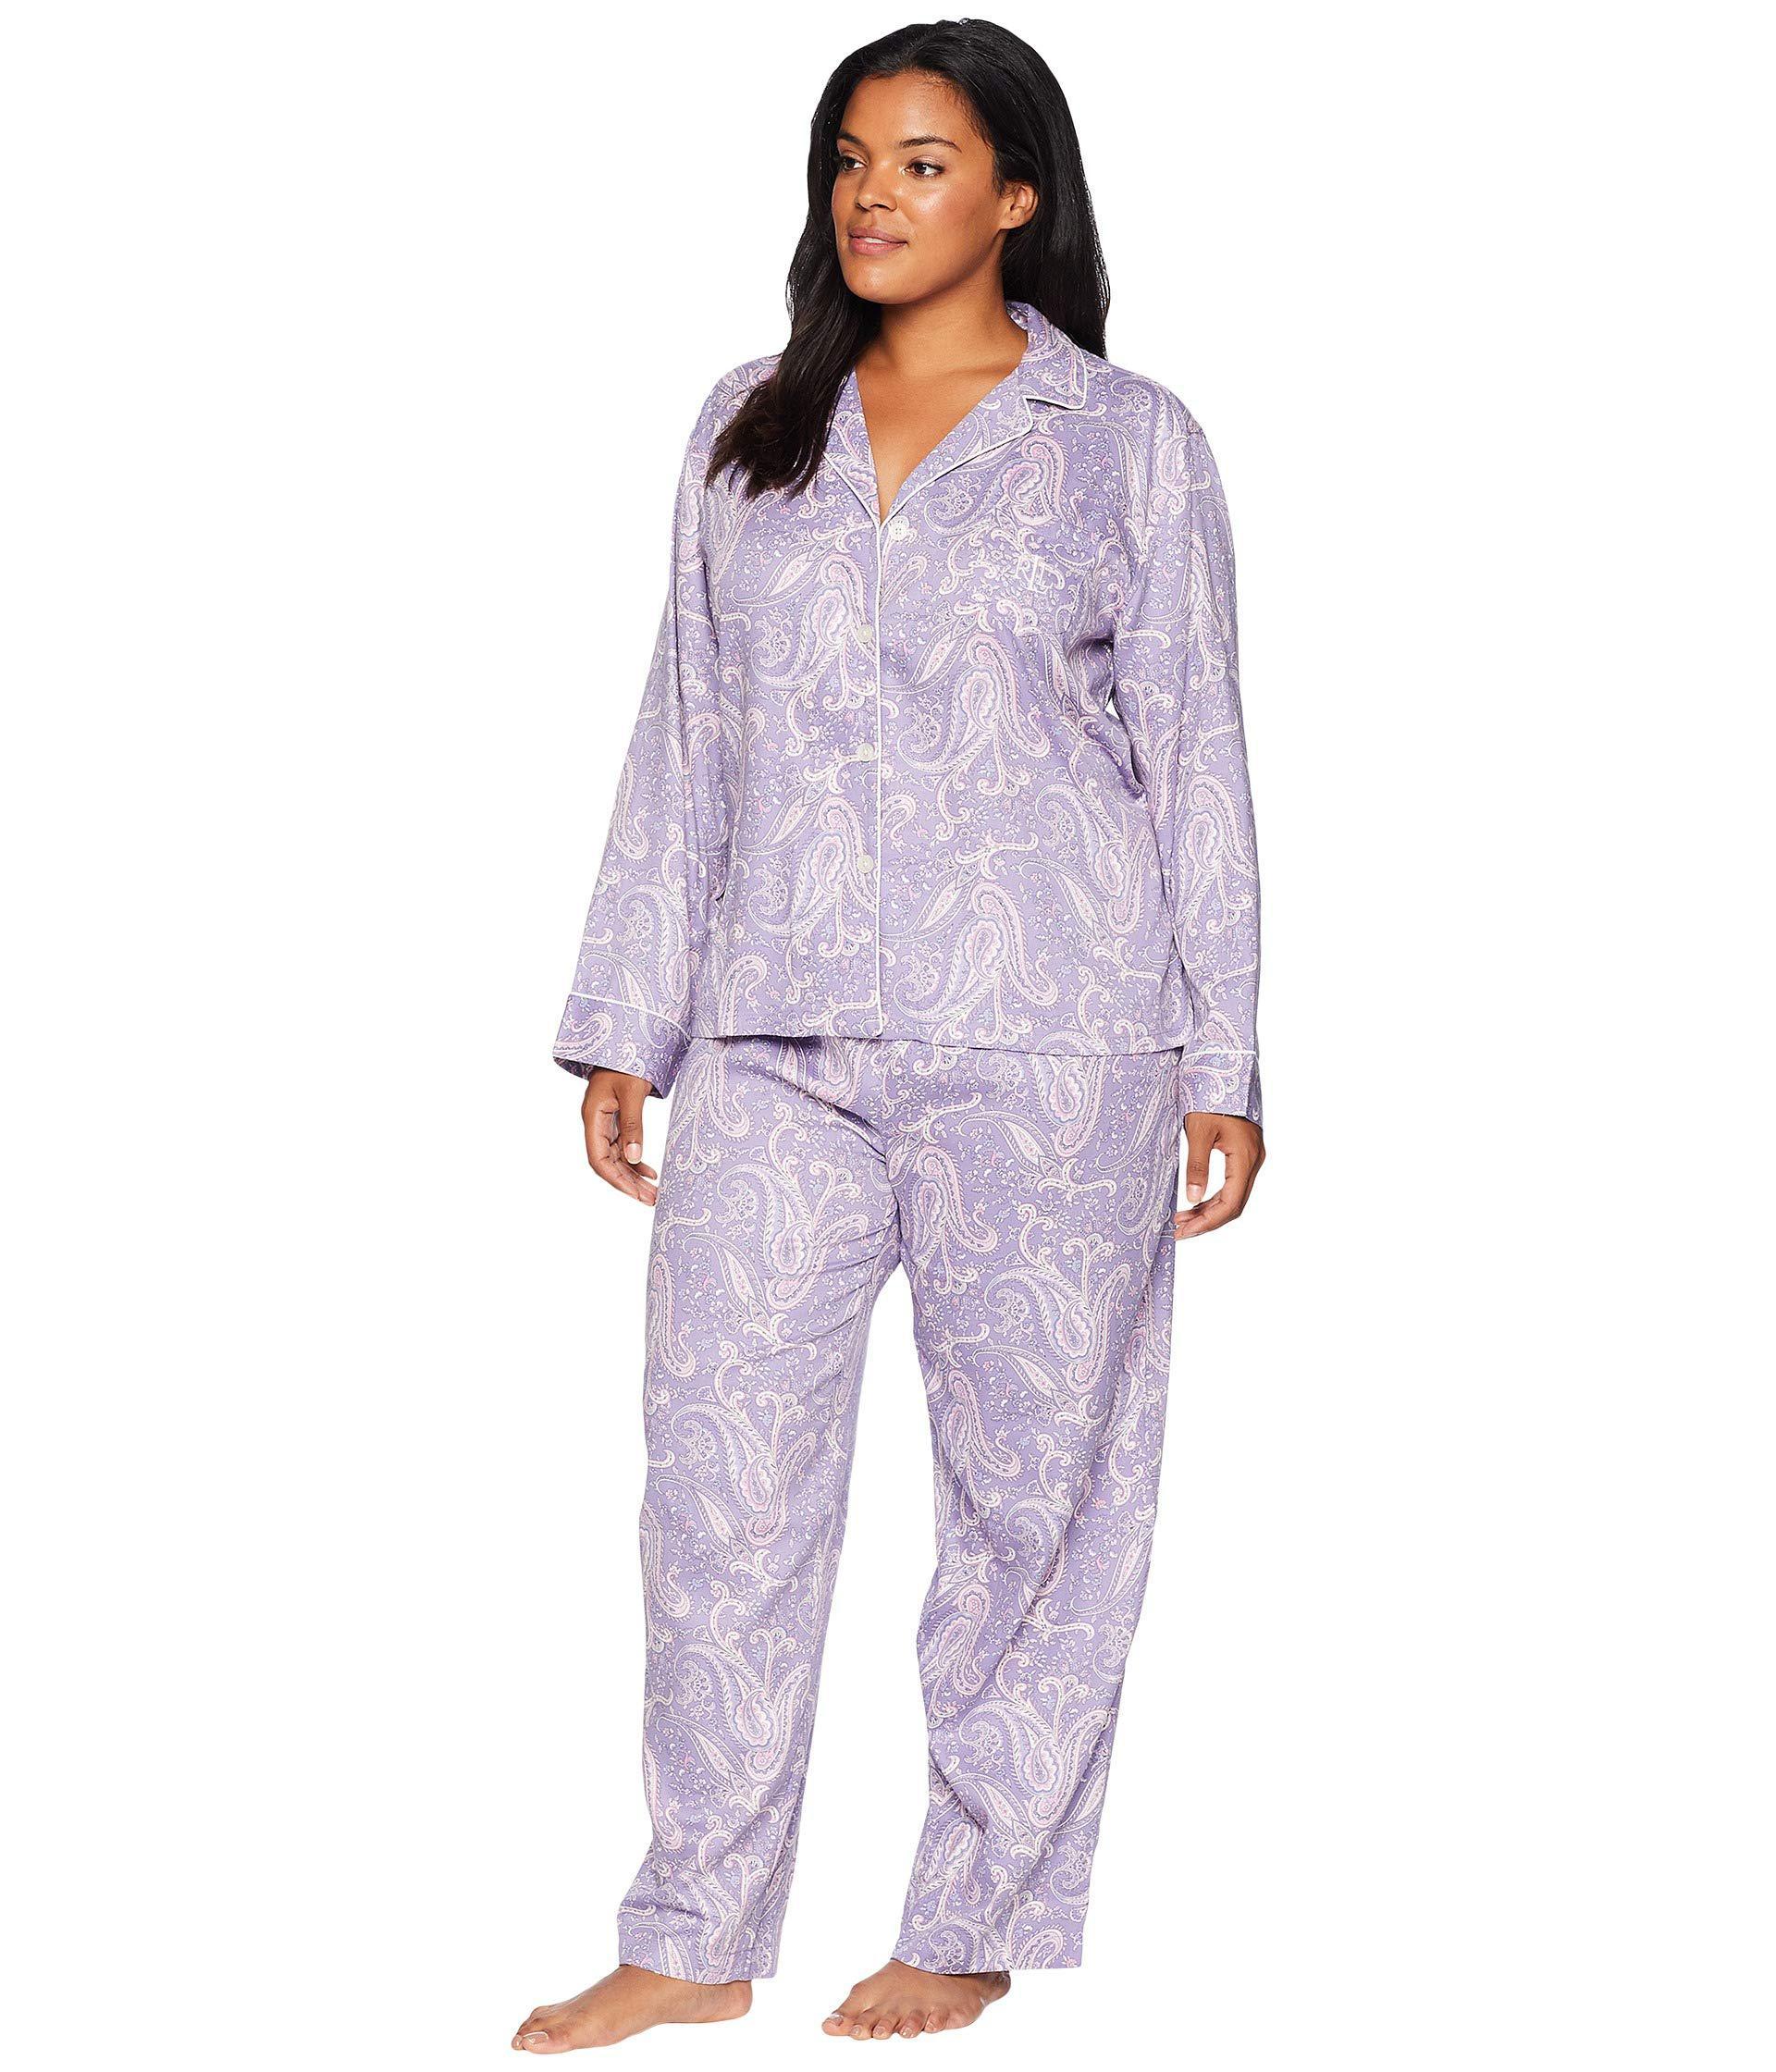 3651d941c898 Lyst - Lauren by Ralph Lauren Plus Size Classic Woven Long Sleeve ...